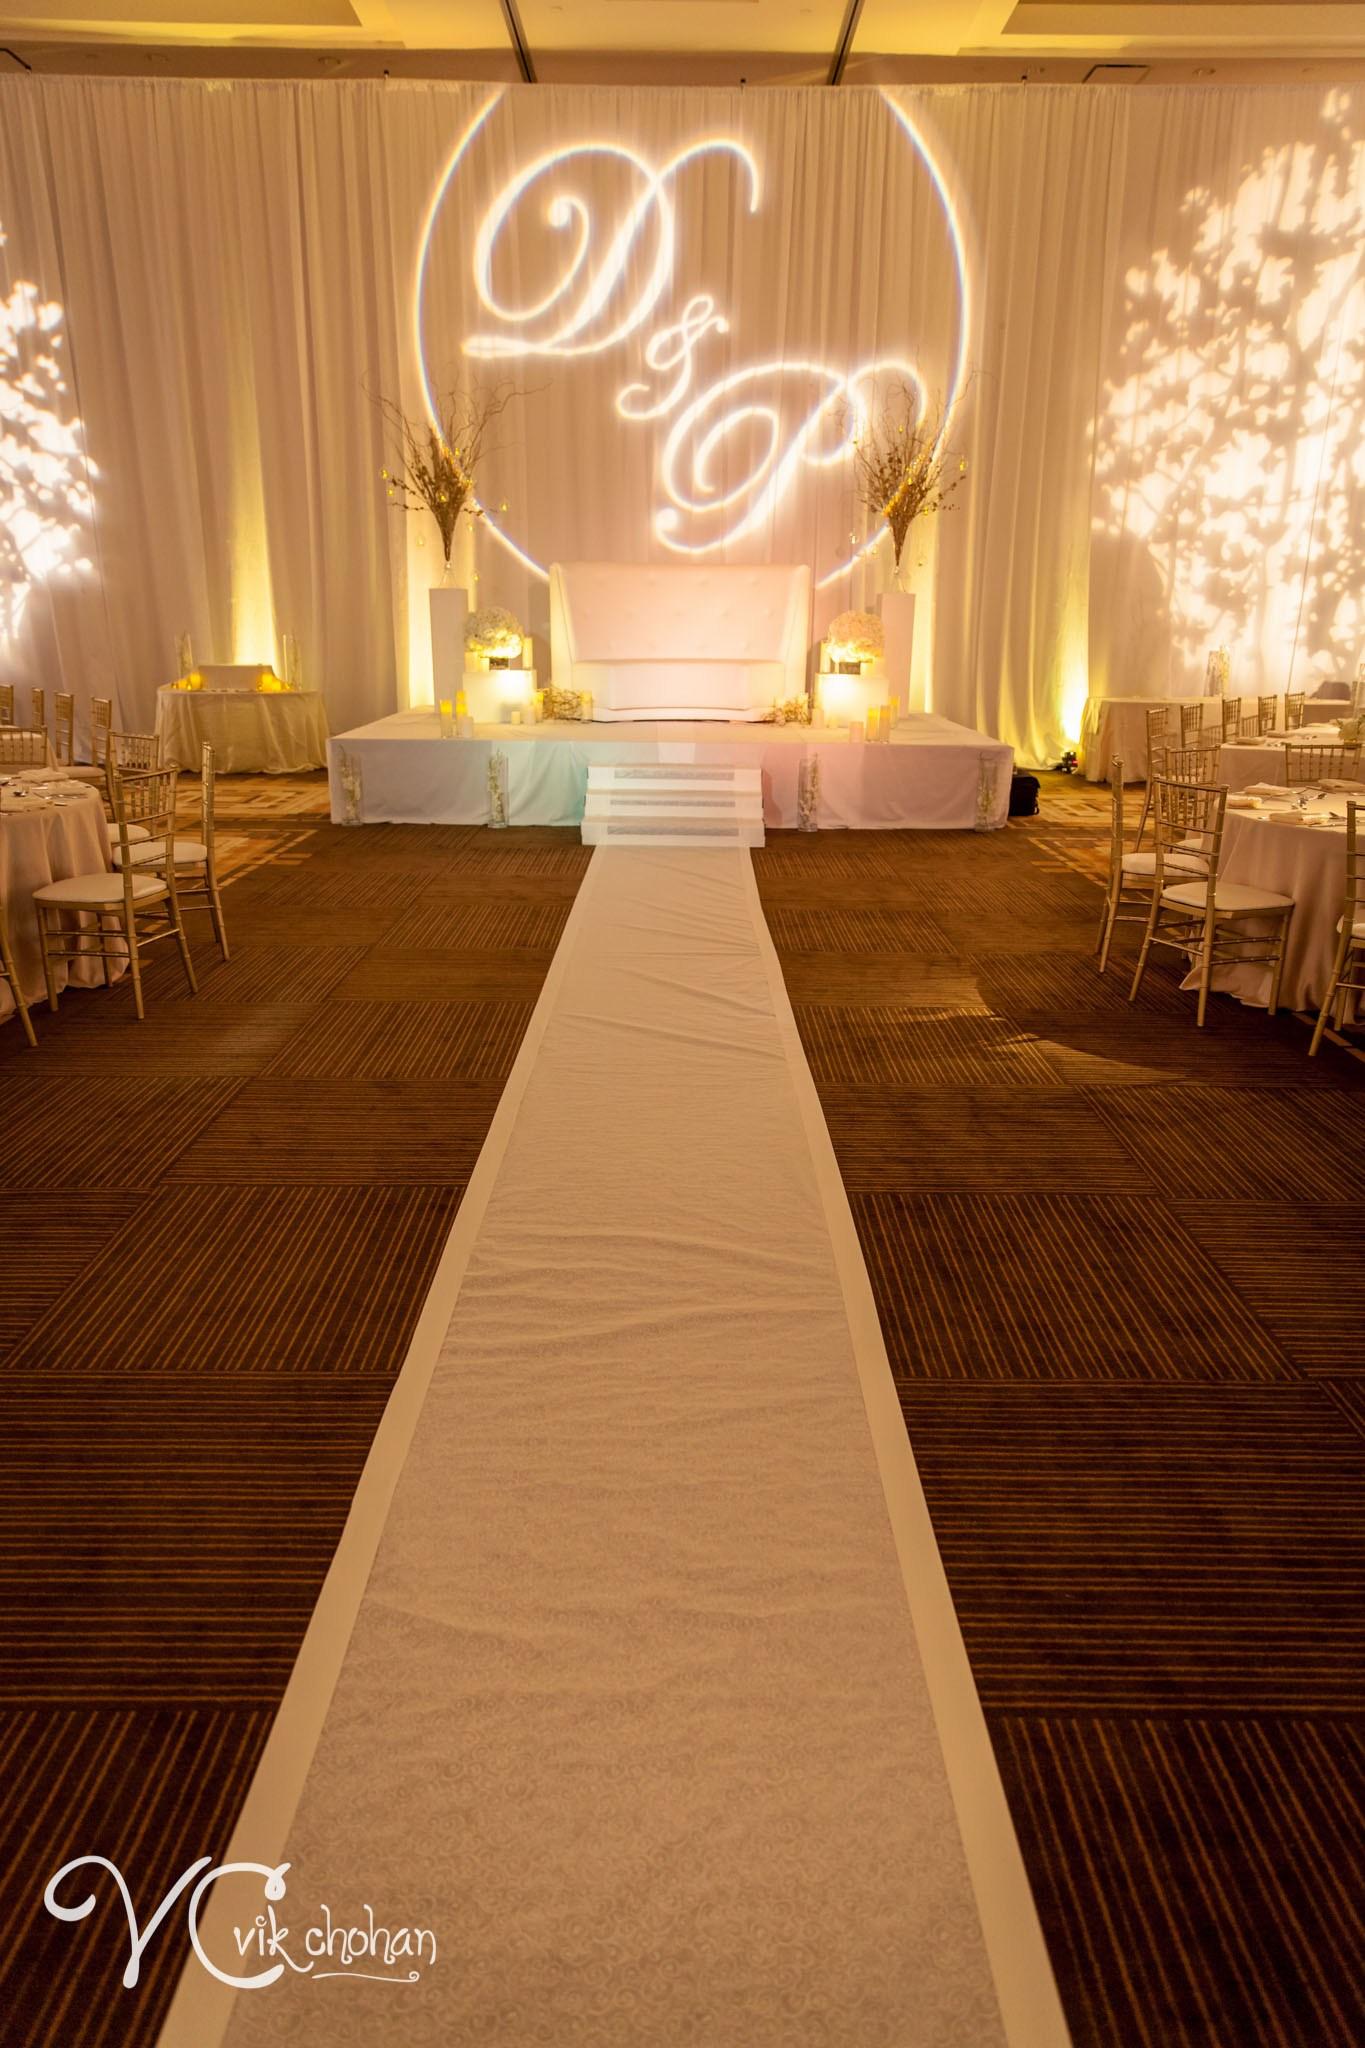 Deepa__Parry_Wedding_Reception-Vik-Chohan-011.jpg